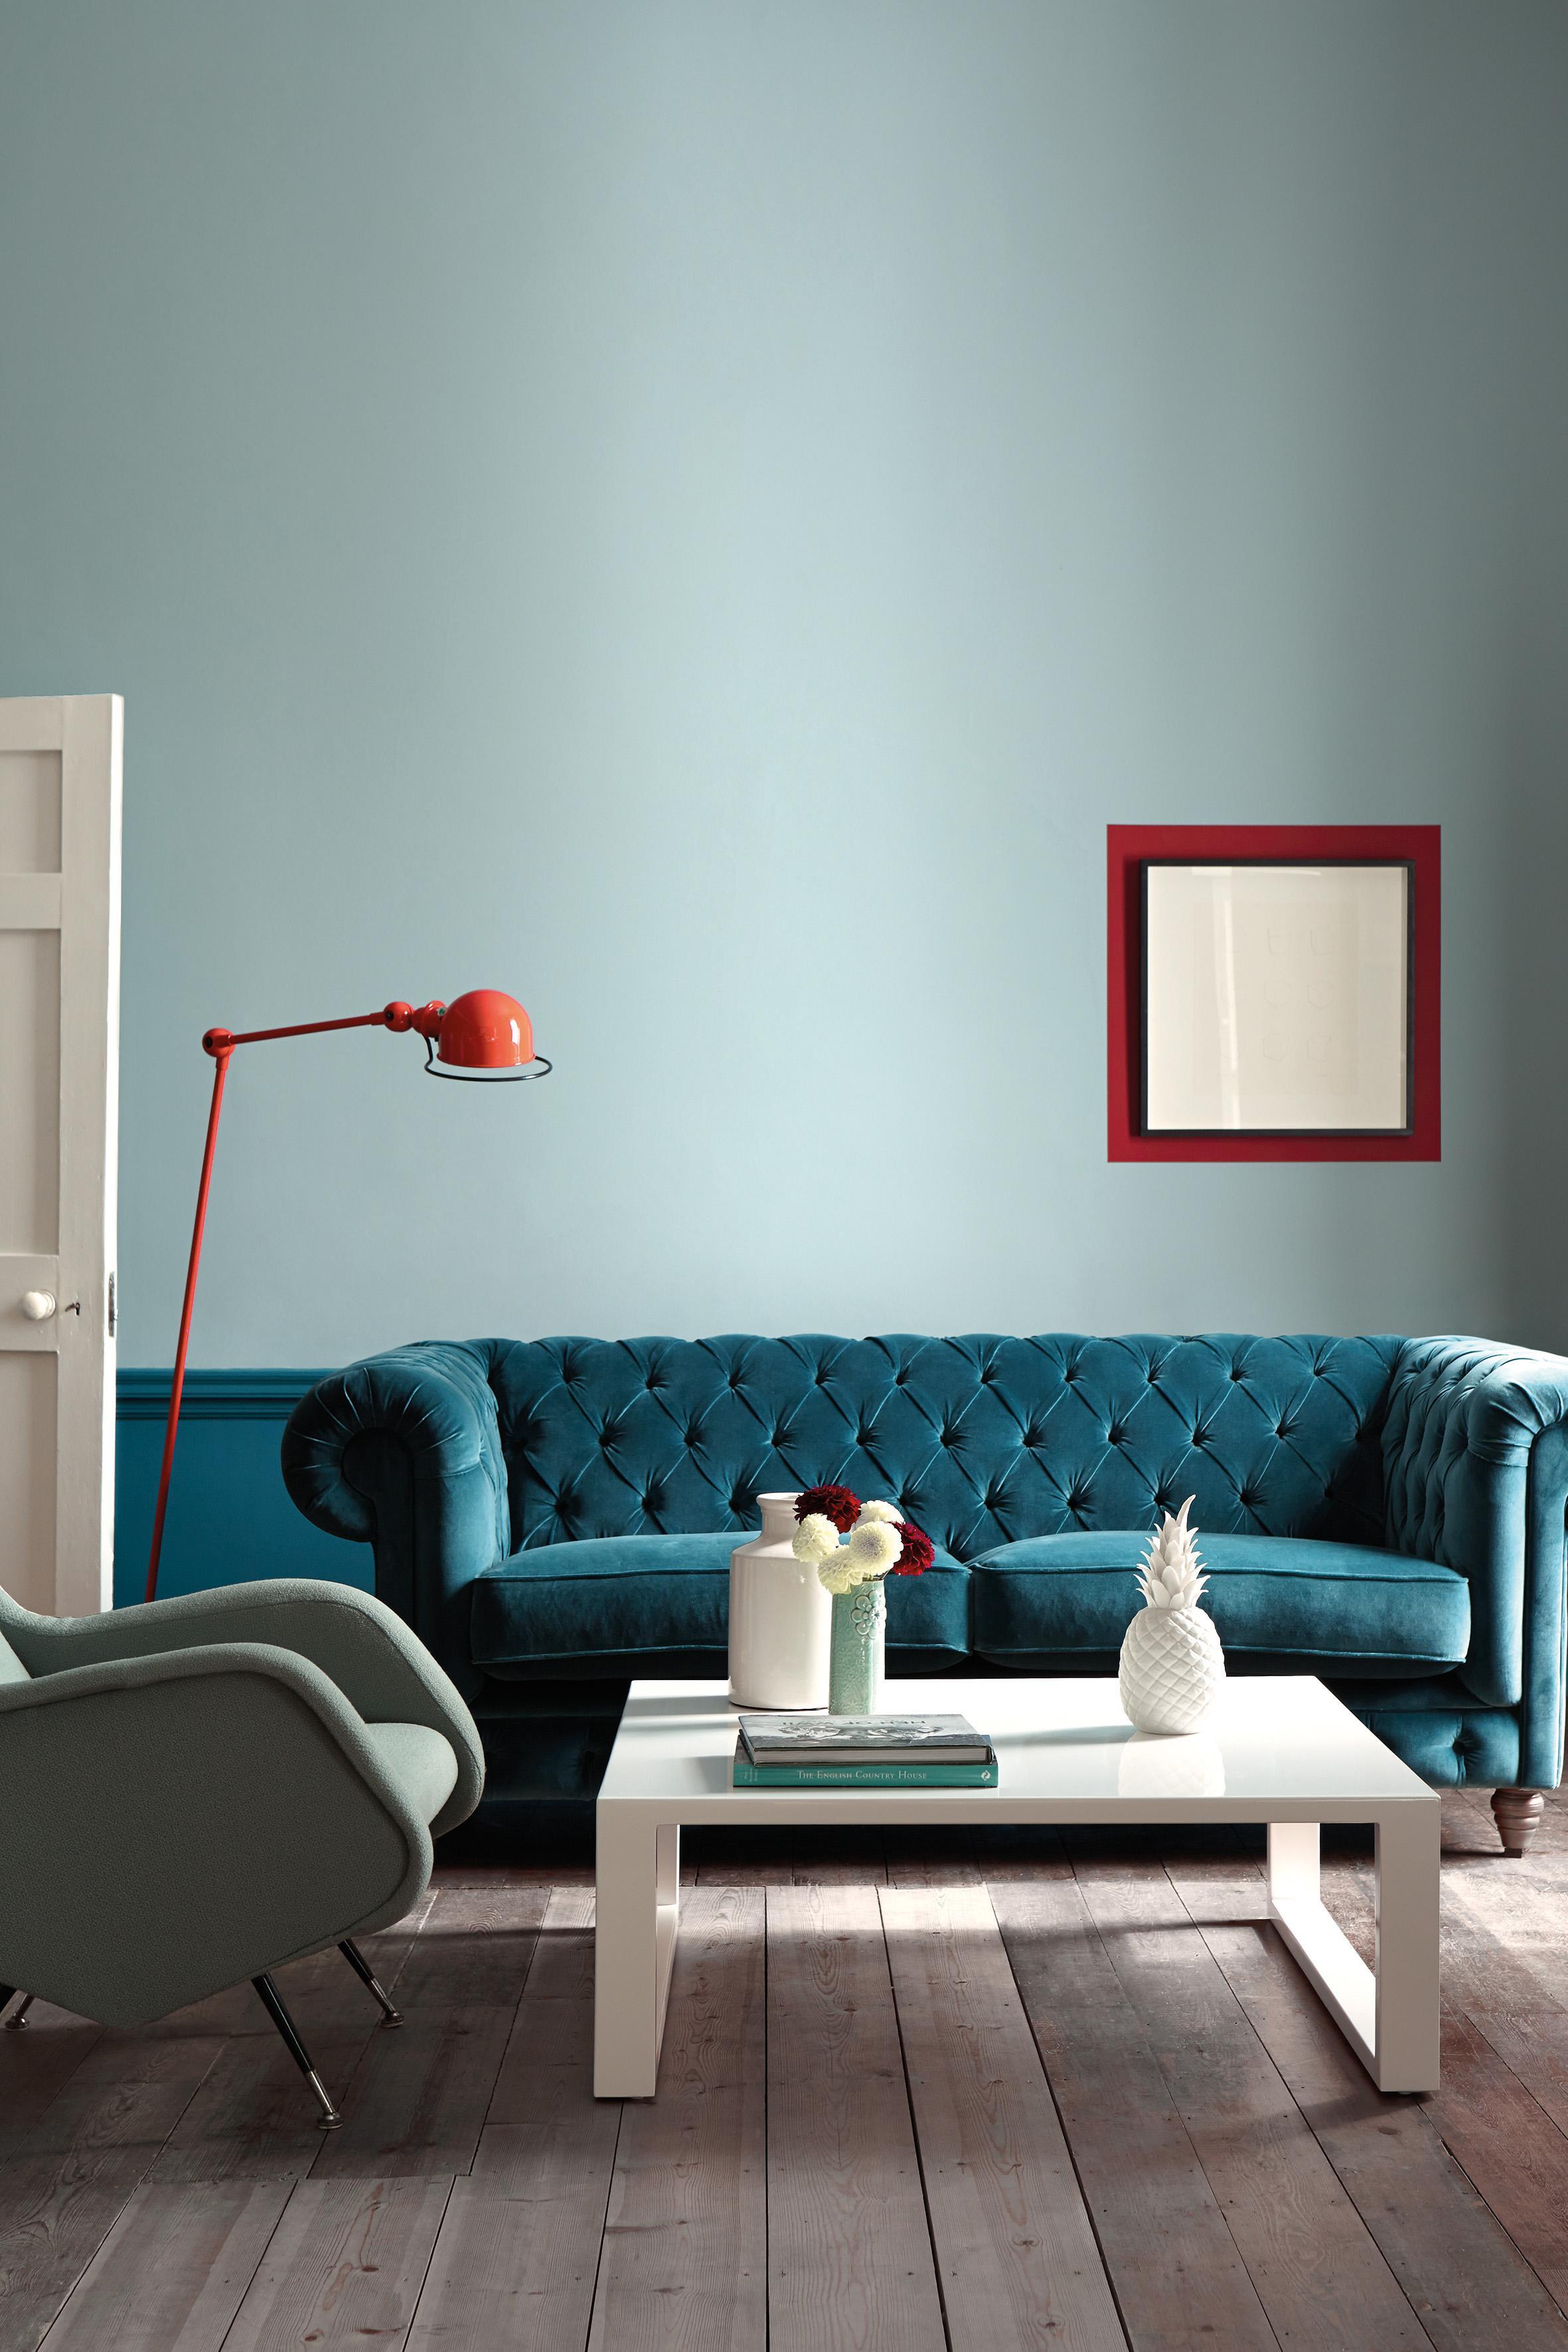 farben im wohnzimmer: so wird's gemütlich!